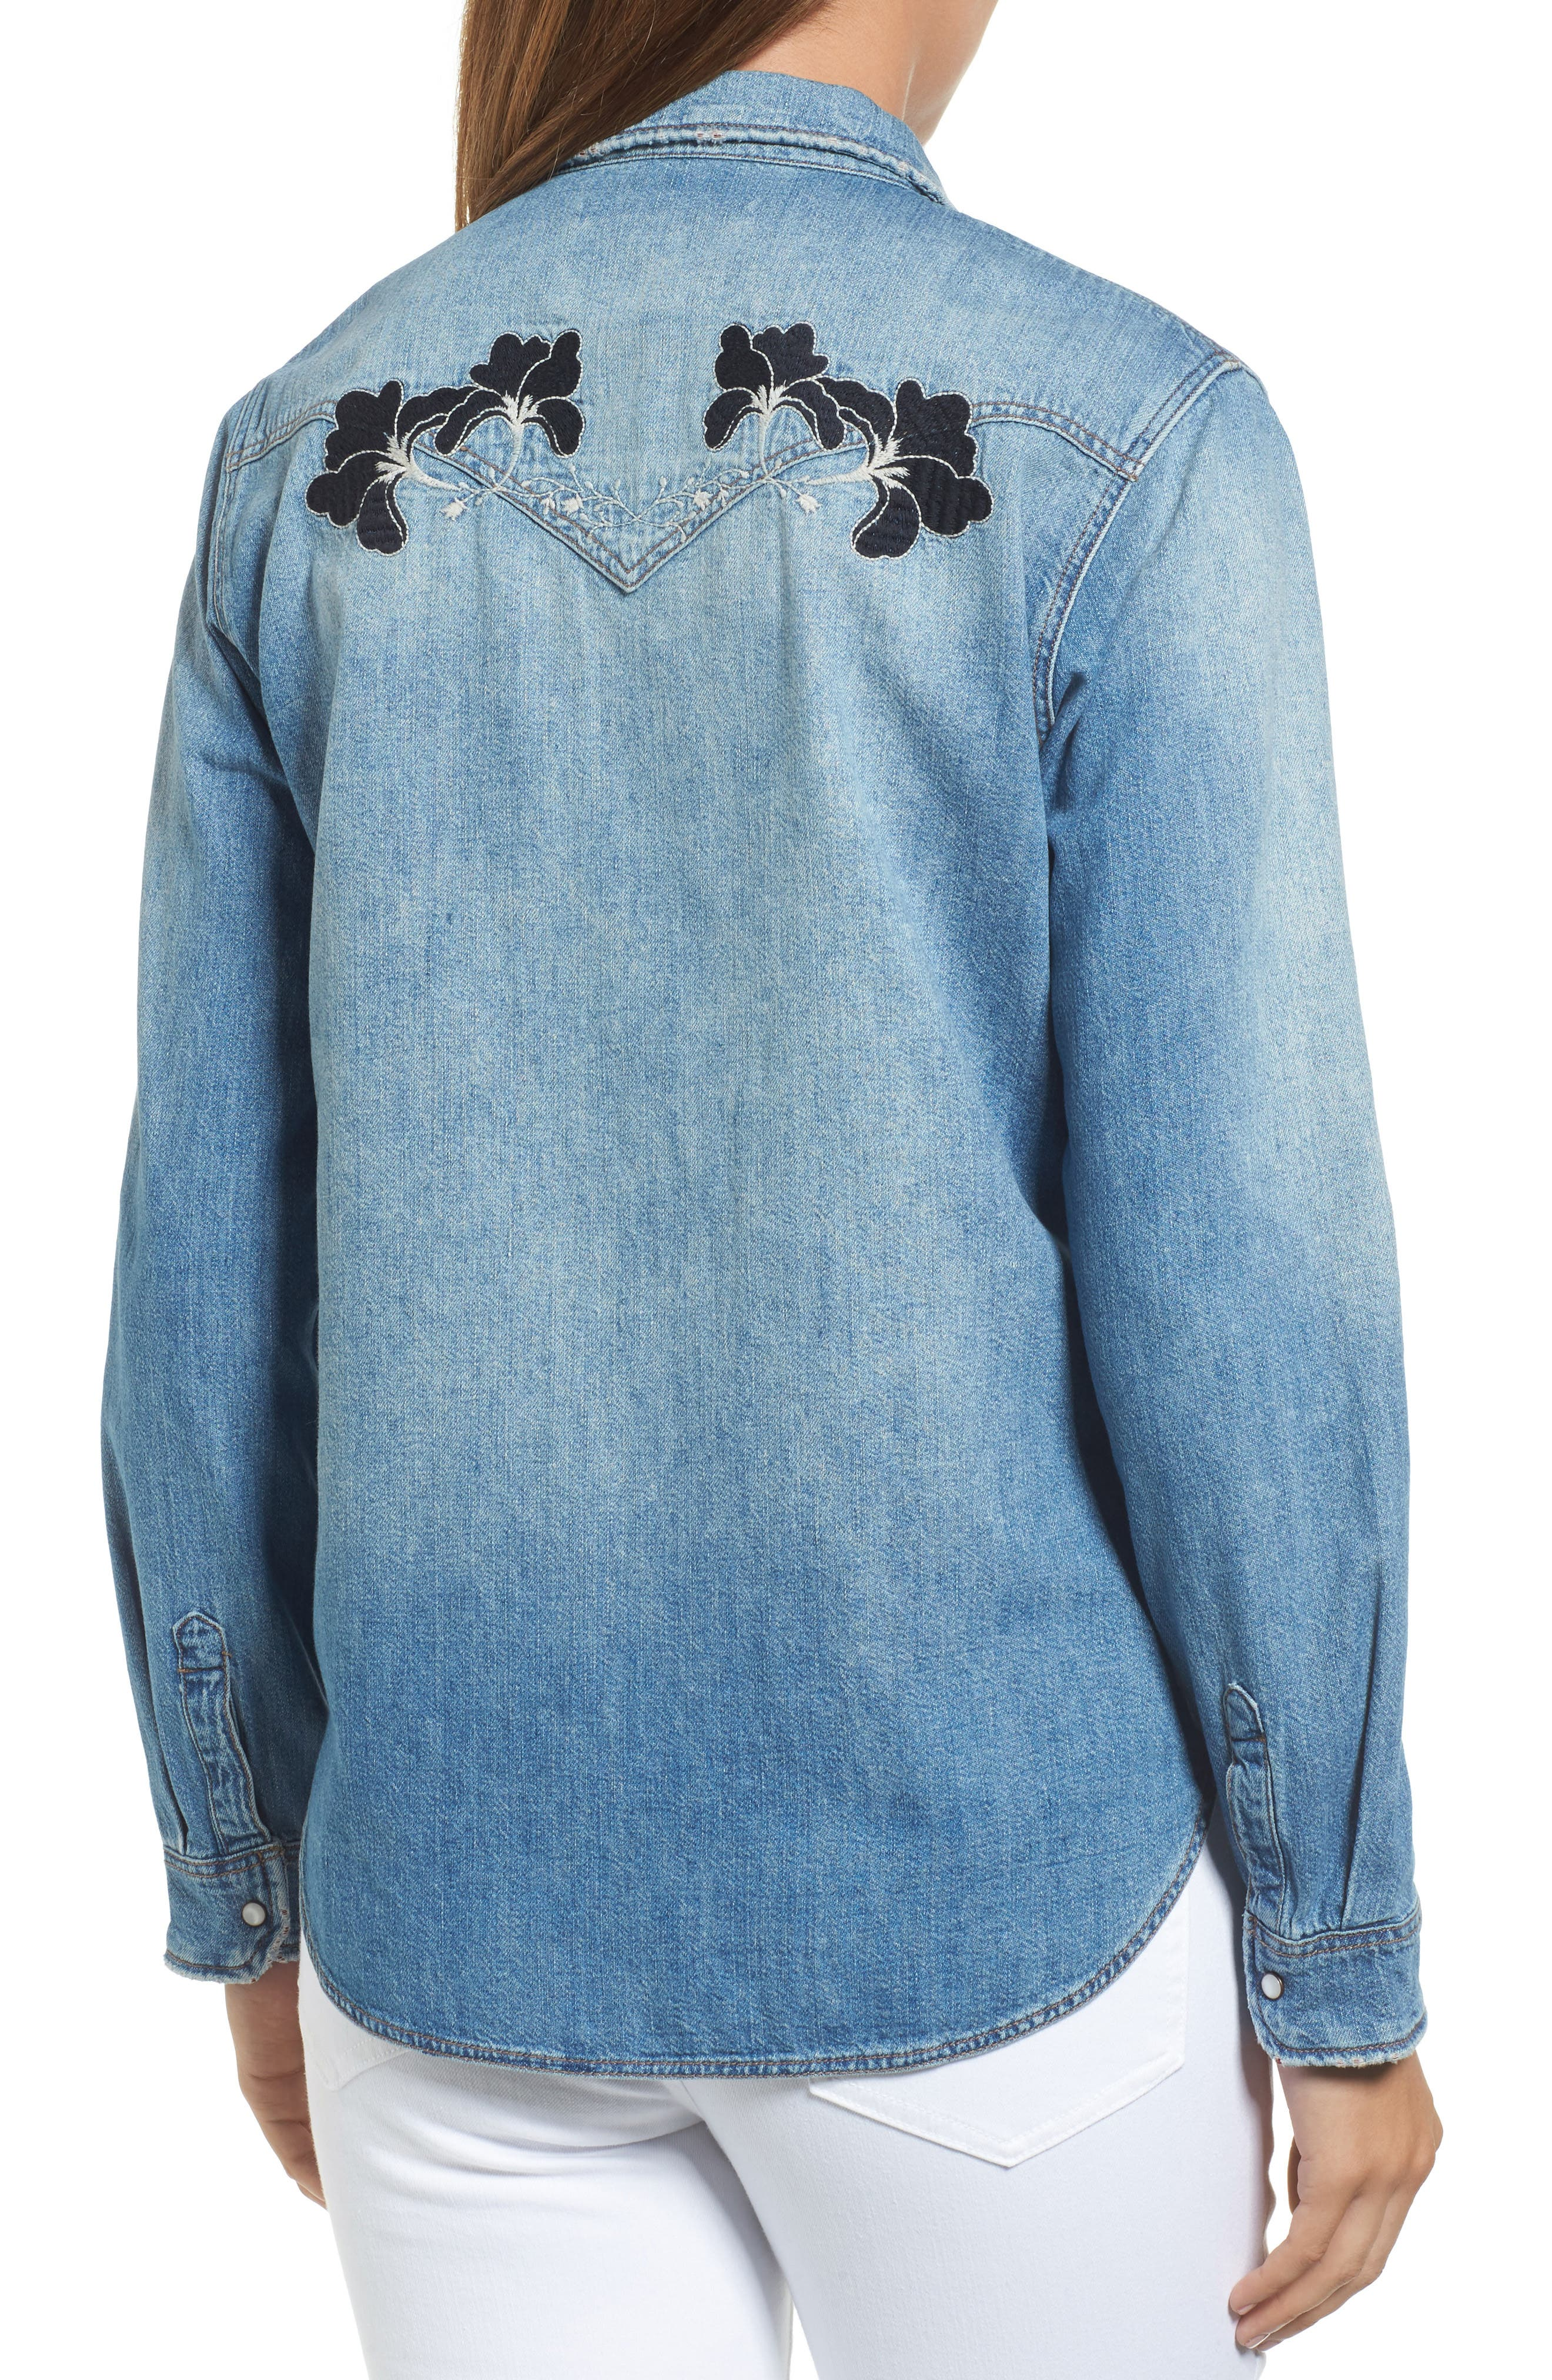 Vintage Rose Embroidered Denim Shirt,                             Alternate thumbnail 2, color,                             Vintage Rose Embroidery